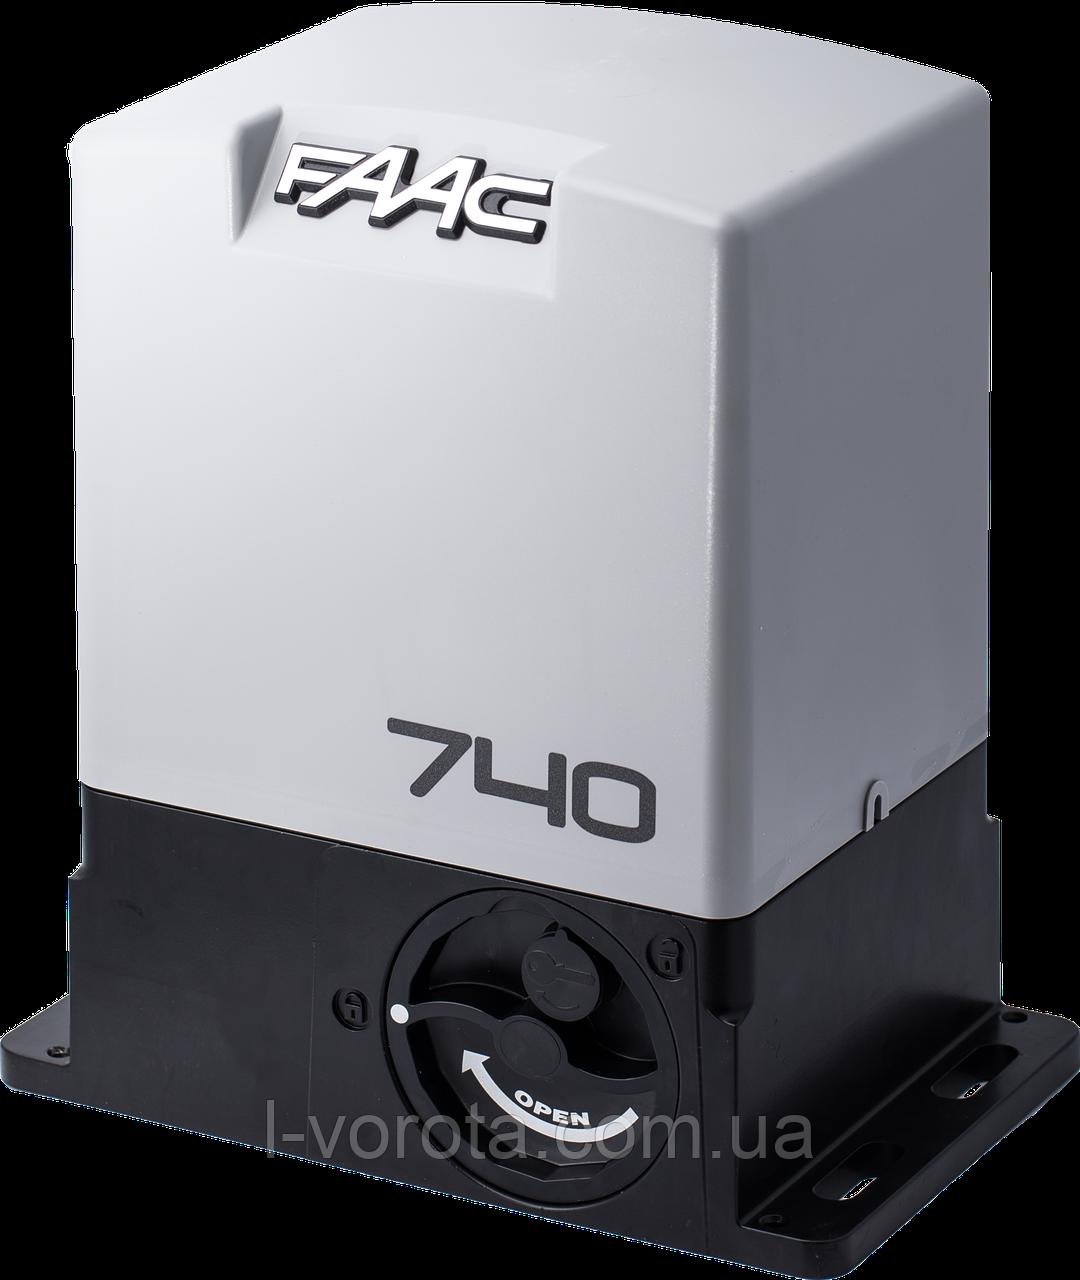 FAAC 740 привод для сдвижных (откатных) ворот (макс. вес ворот 500 кг)